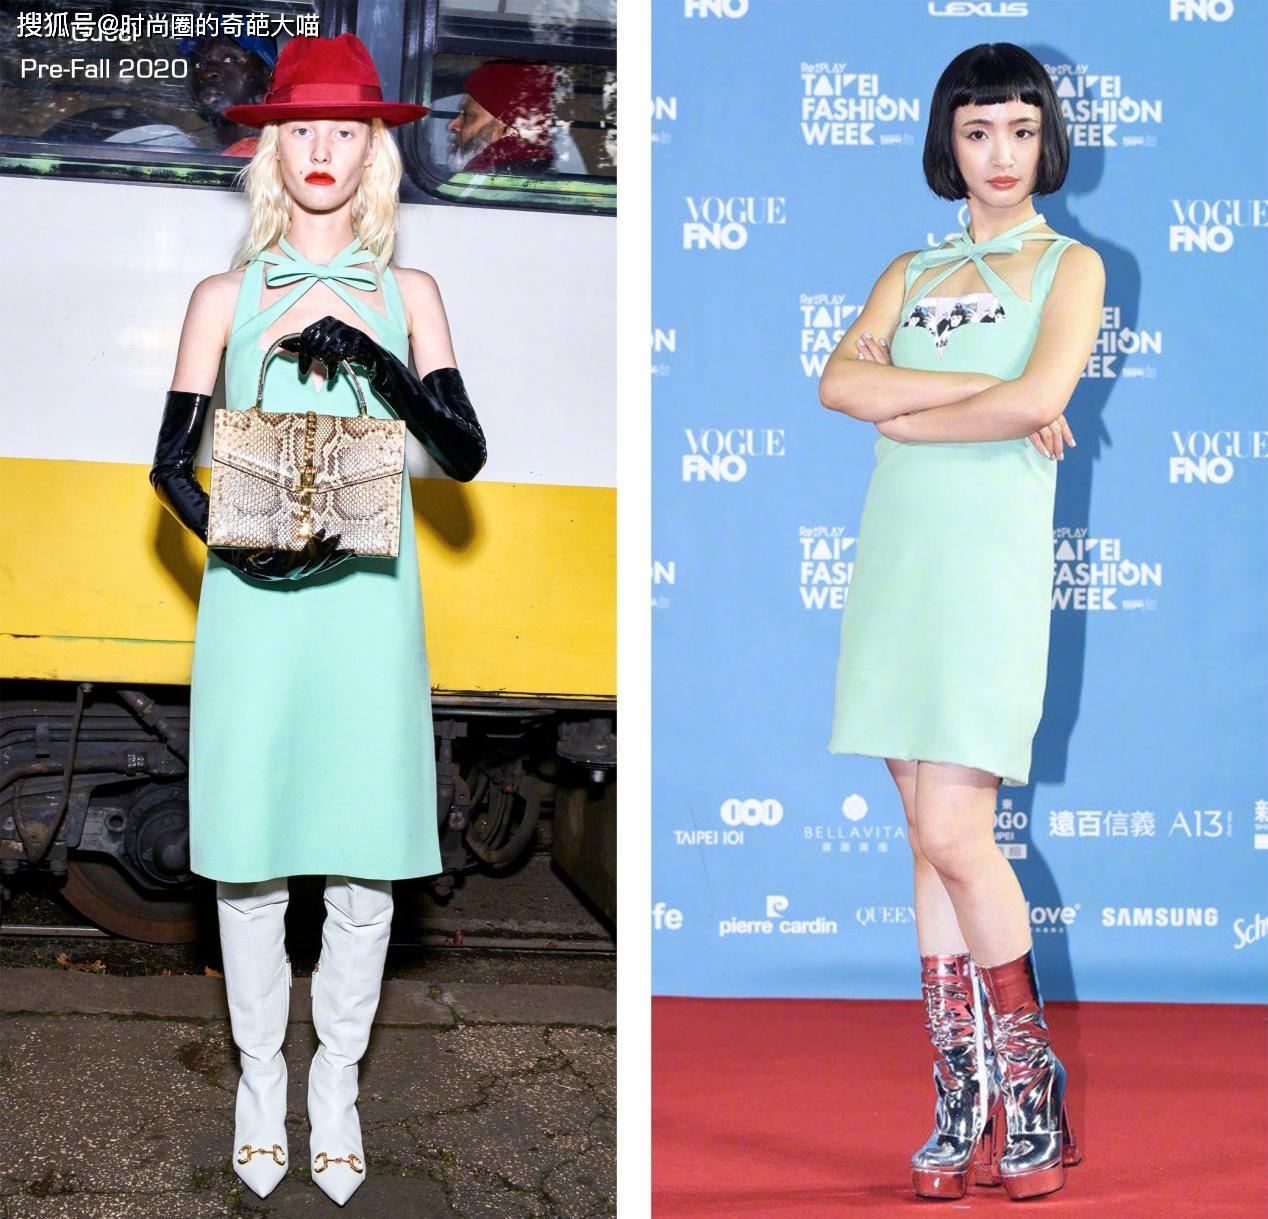 """2 nữ thần thanh xuân gây thất vọng tại Tuần lễ thời trang Đài Bắc 2020: Nàng đơ như """"robot"""", nàng dìm dáng thậm tệ với bộ đầm """"chằng chịt"""" - Ảnh 2."""